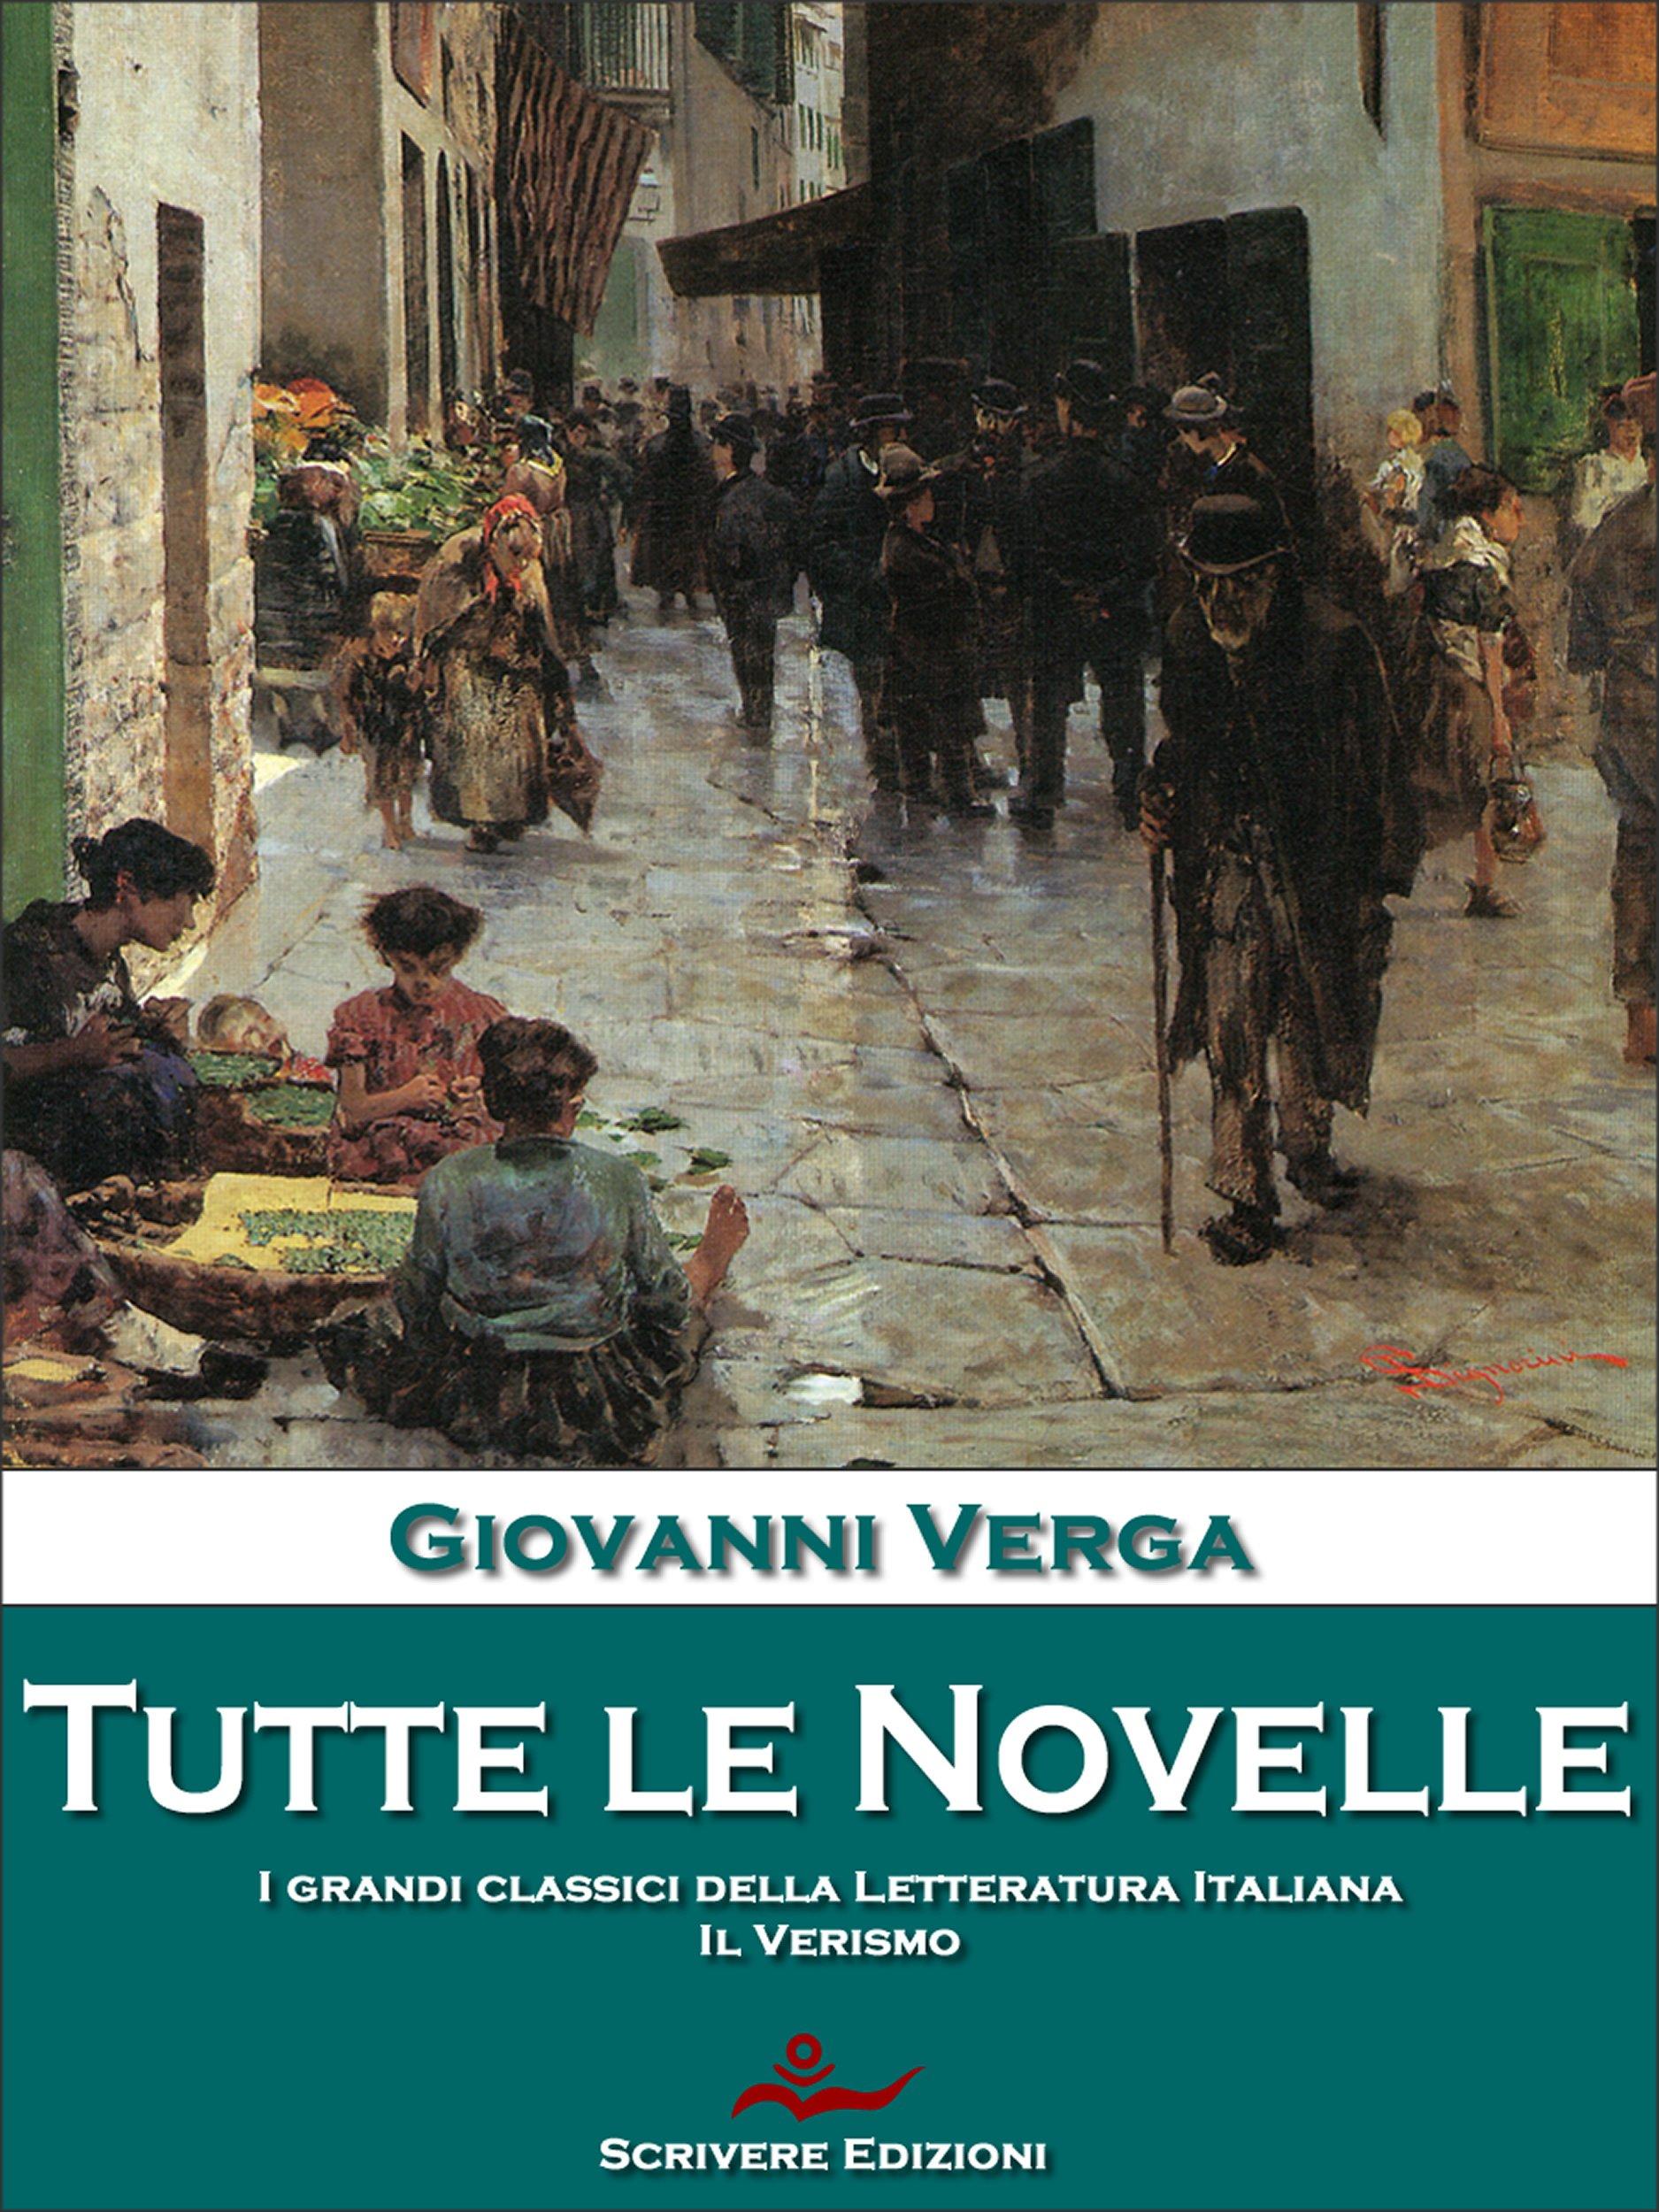 Tutte le novelle: La più vasta e completa opera sul verismo (Italian Edition) por Giovanni Verga